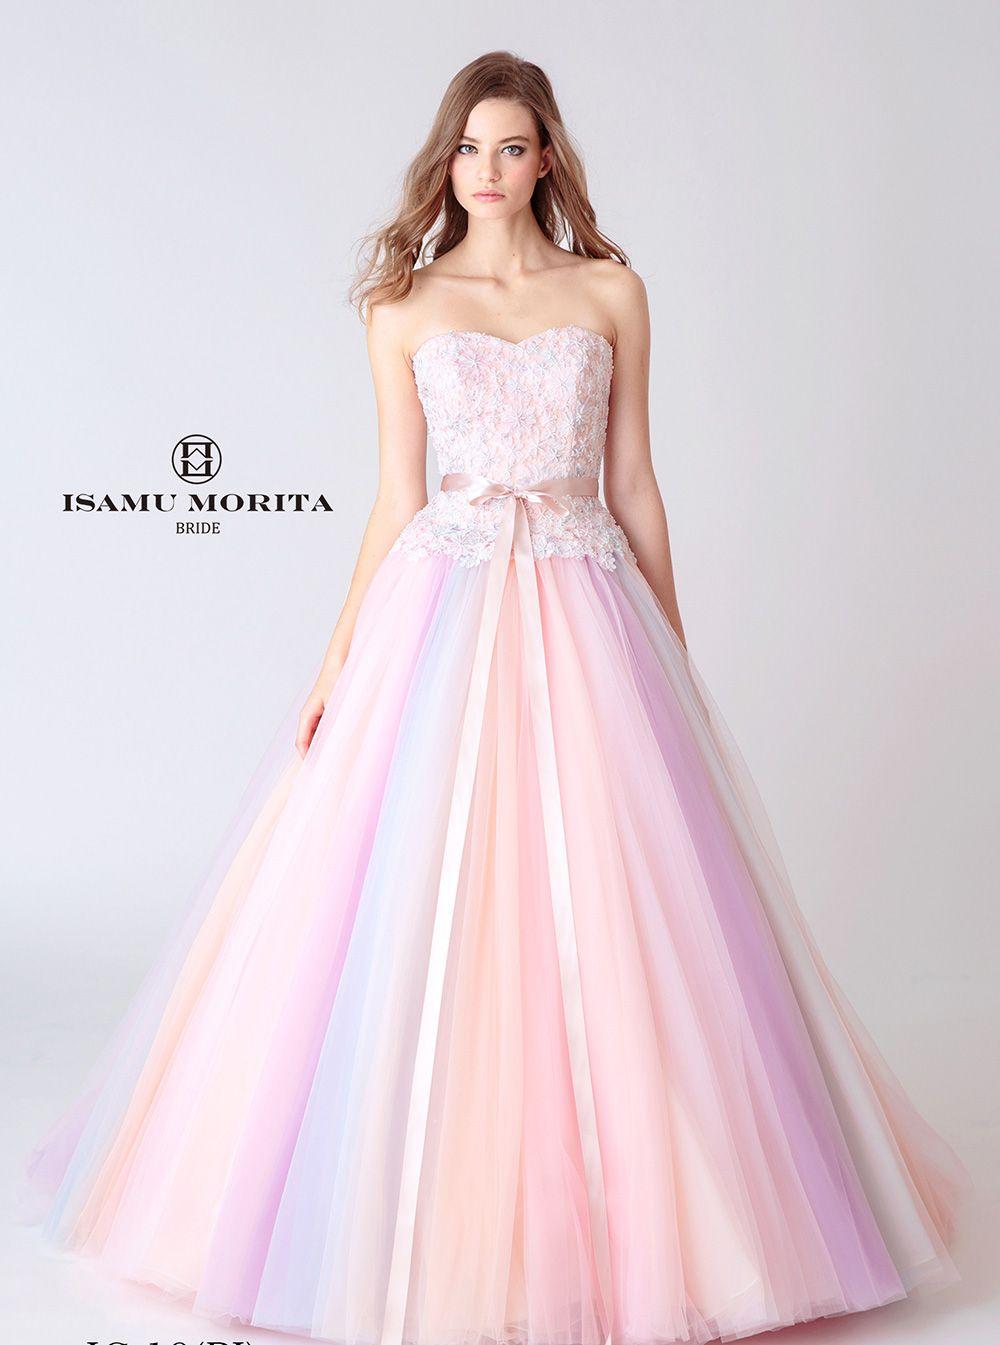 e3b52a00963a6 運命のウエディングドレス探しならフィーノへ。桂由美をはじめ人気の ...